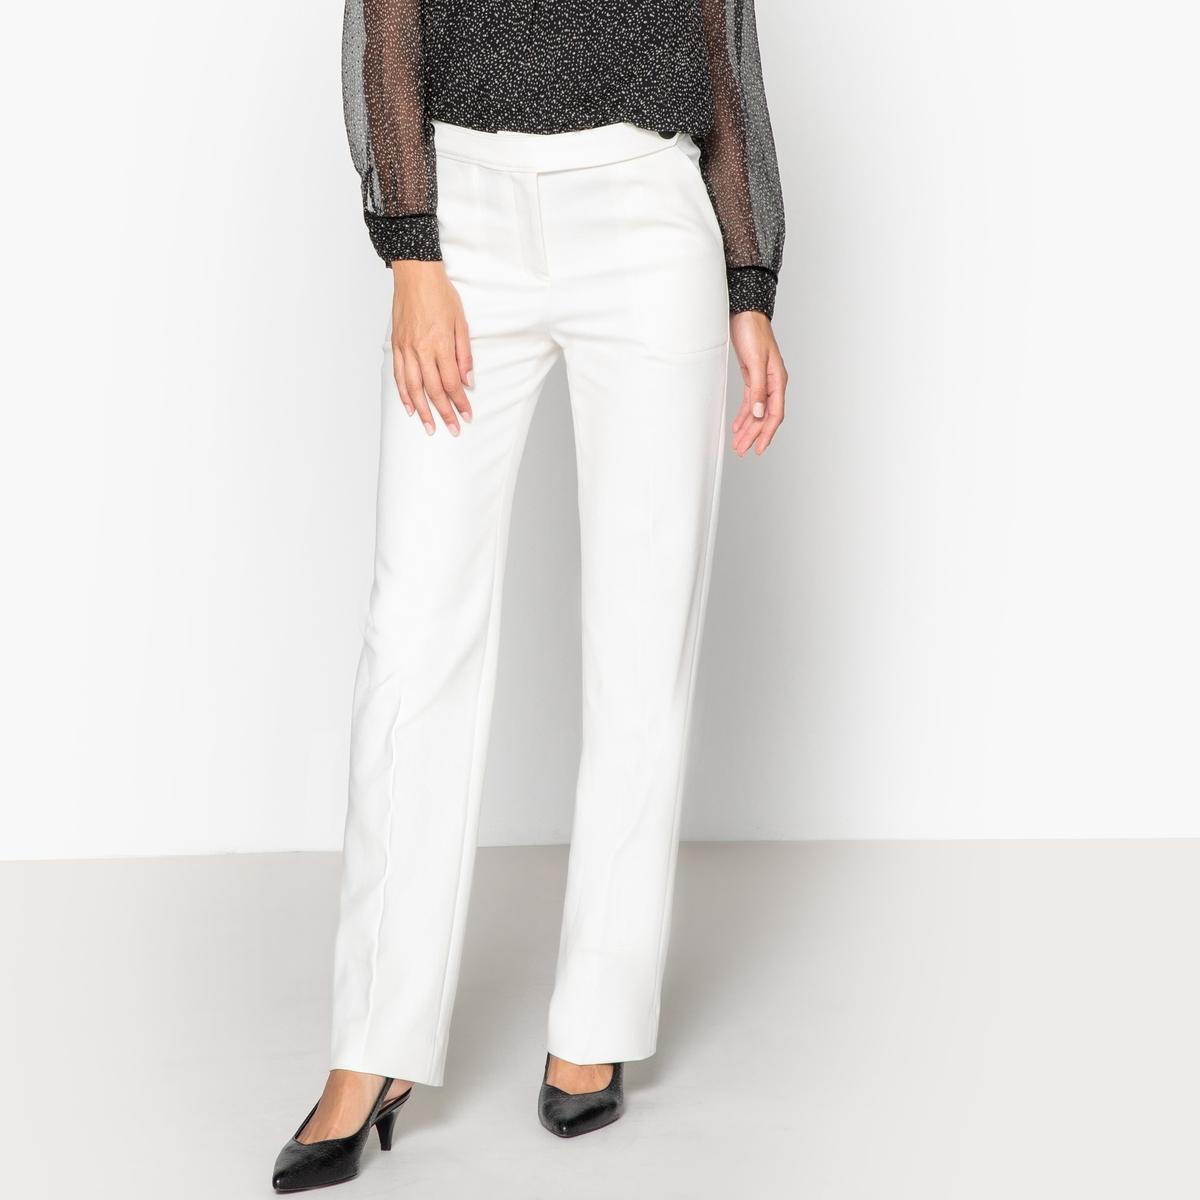 Брюки прямые WALLY прямые брюки с застежкой на молнию cristina effe прямые брюки с застежкой на молнию